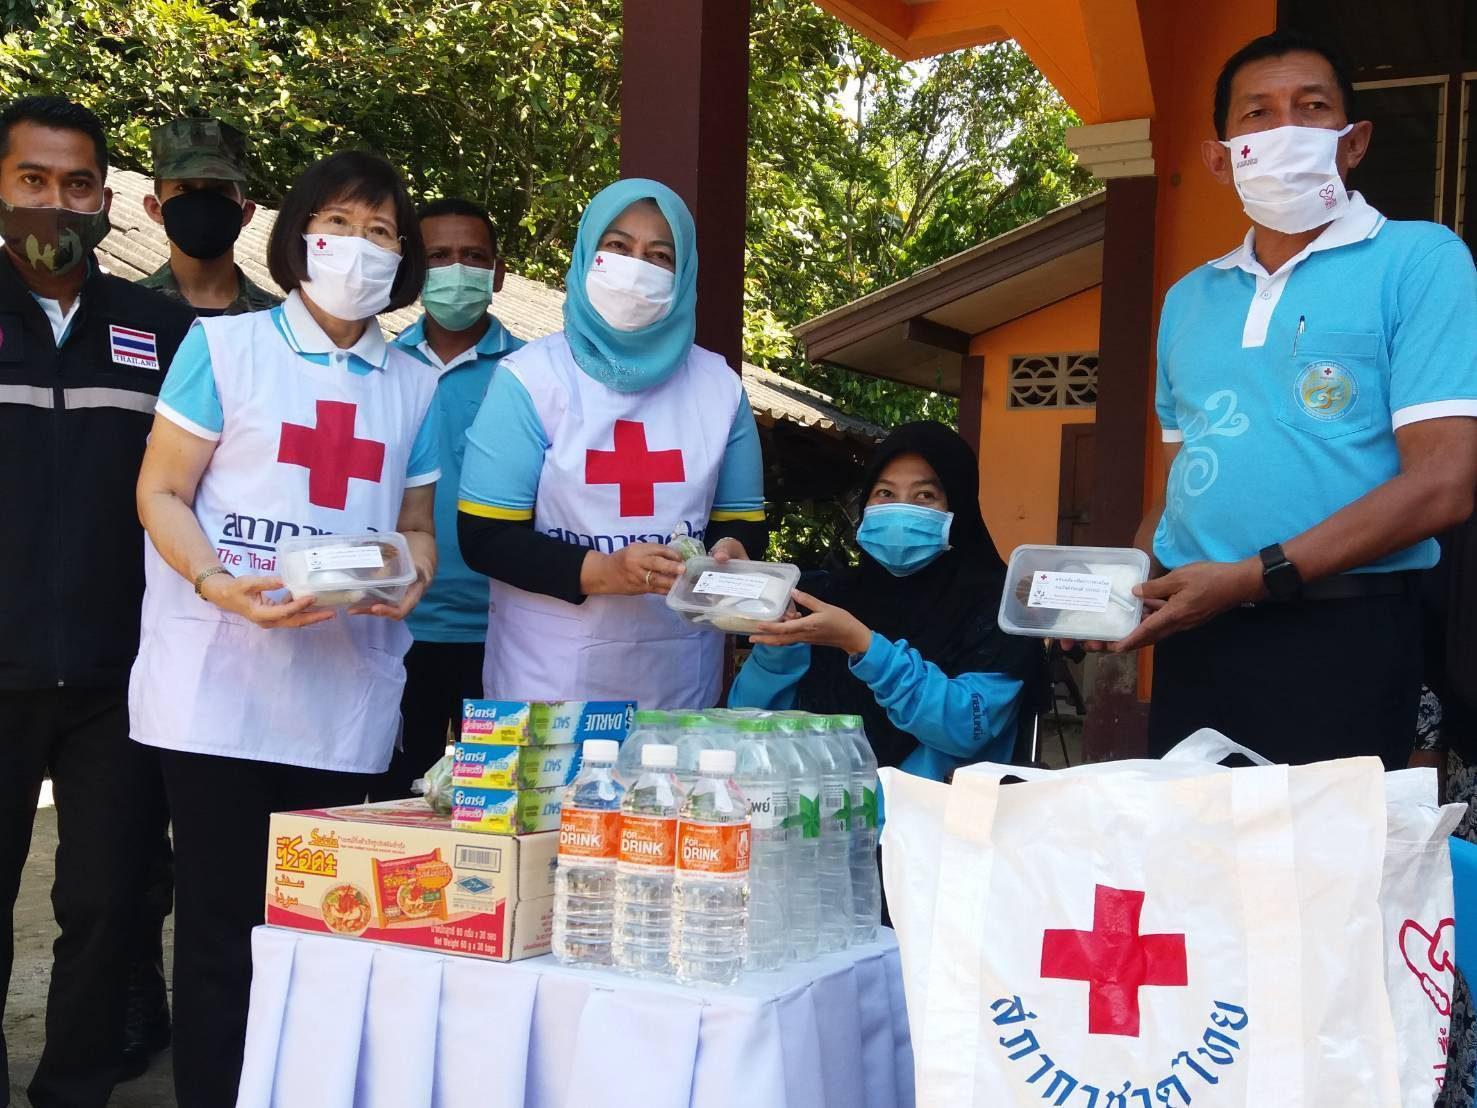 """จัดตั้ง """"ครัวพระราชทาน อุปนายิกาผู้อำนวยการสภากาชาดไทย"""" ศาลากลางจังหวัดนราธิวาส"""